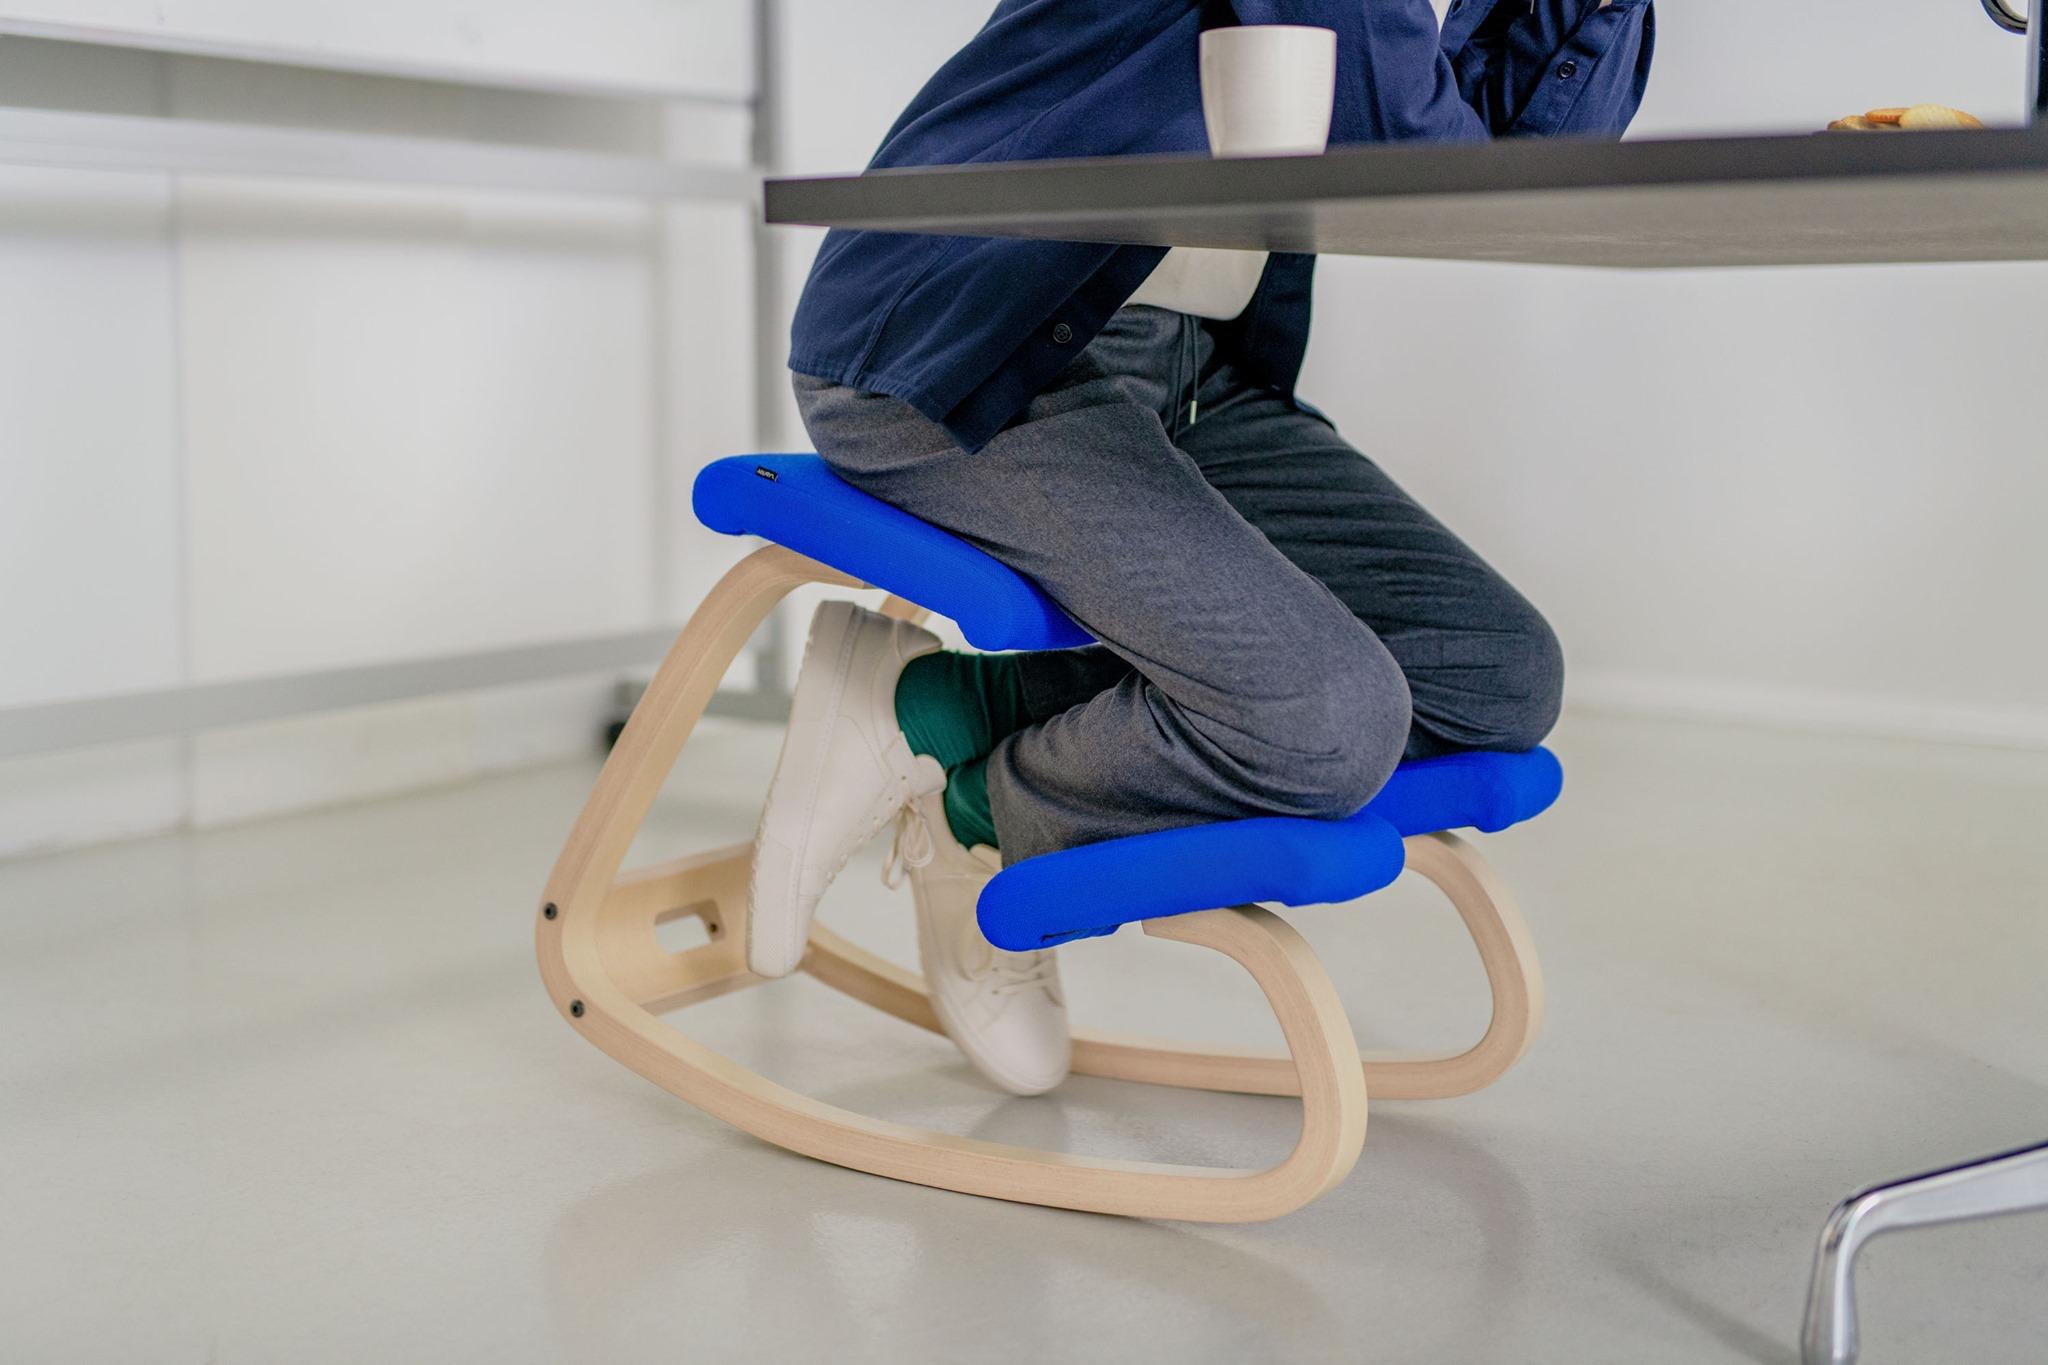 La migliore sedia ergonomica è Variable Balans